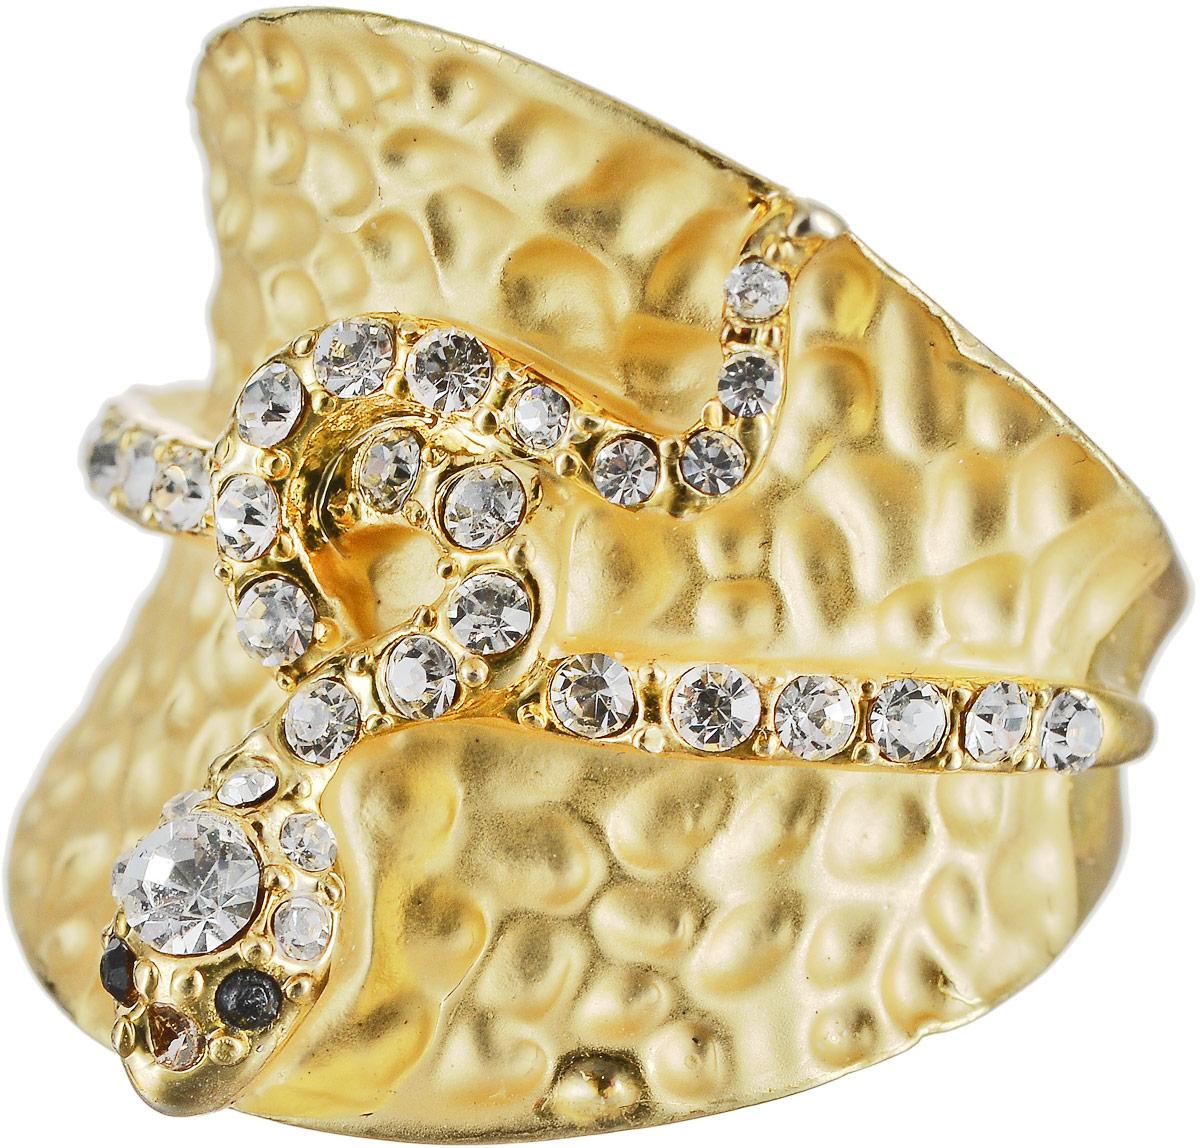 Кольцо Art-Silver, цвет: золотой. М341-540. Размер 16,5Коктейльное кольцоОригинальное кольцо Art-Silver выполнено из бижутерного сплава с гальваническим покрытием. Кольцо украшено декоративными вставками.Элегантное кольцо Art-Silver превосходно дополнит ваш образ и подчеркнет отменное чувство стиля своей обладательницы.